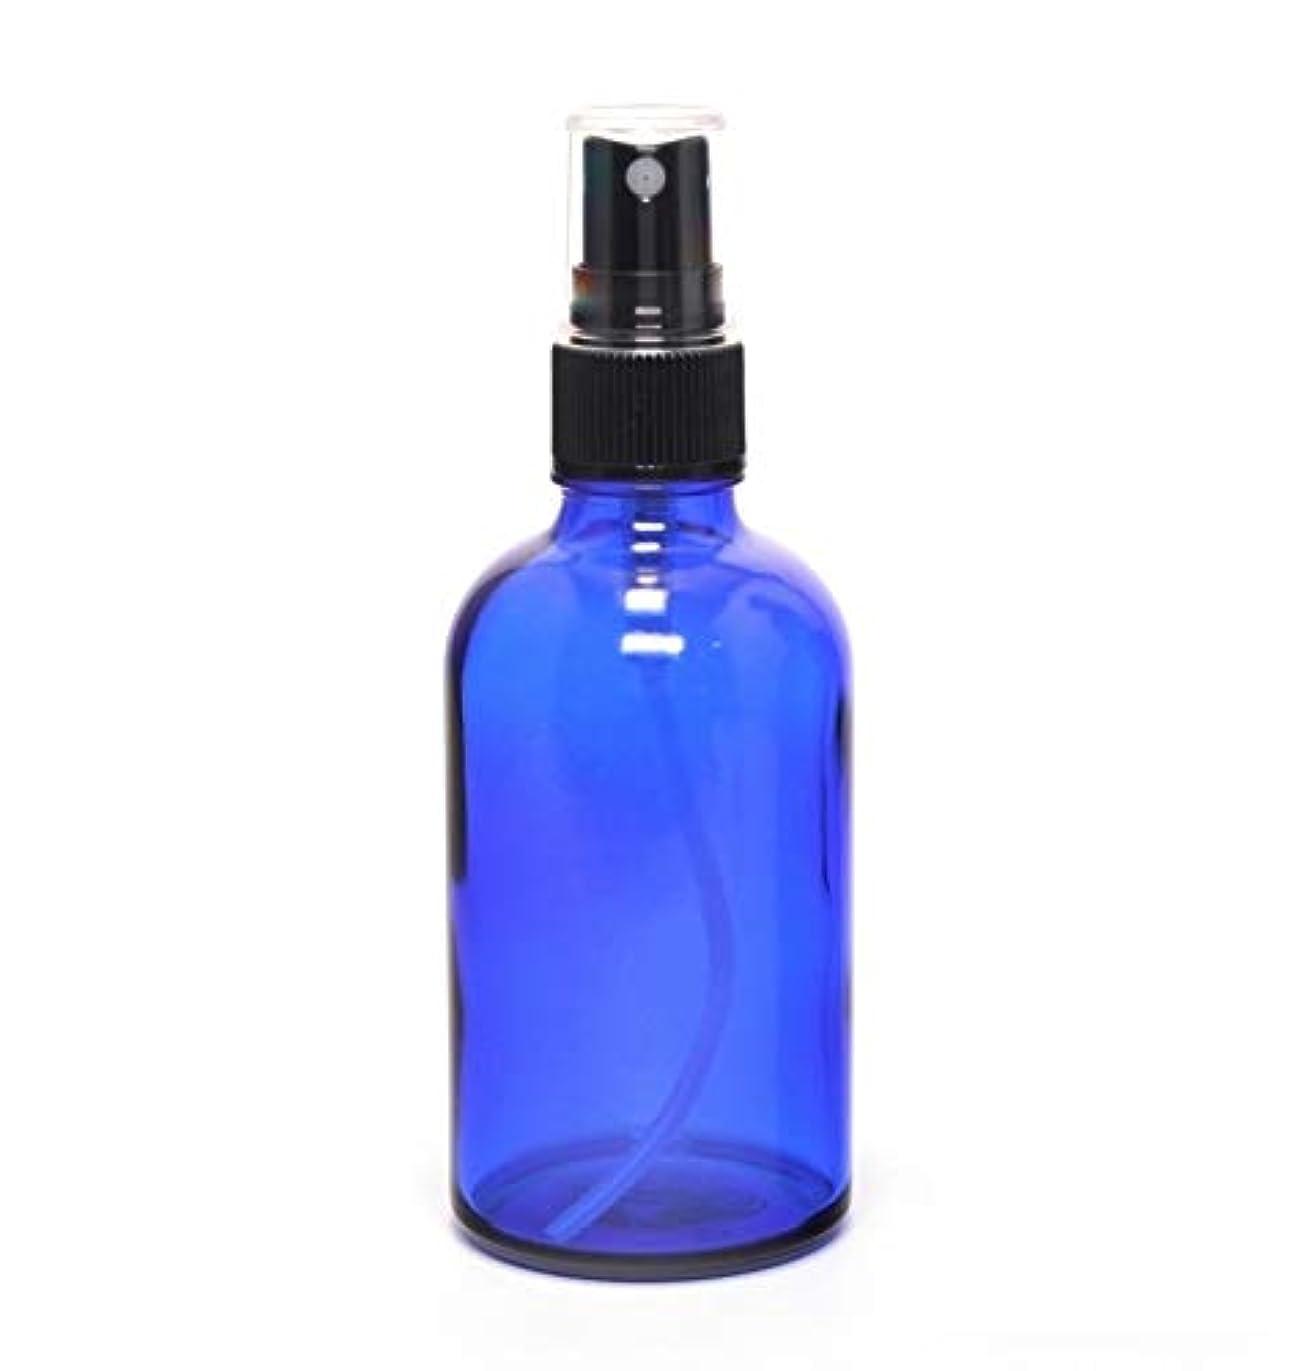 スリッパ天才滴下遮光瓶 蓄圧式で細かいミストのスプレーボトル 100ml コバルトブルー / 1本 ( 硝子製?アトマイザー )ブラックヘッド